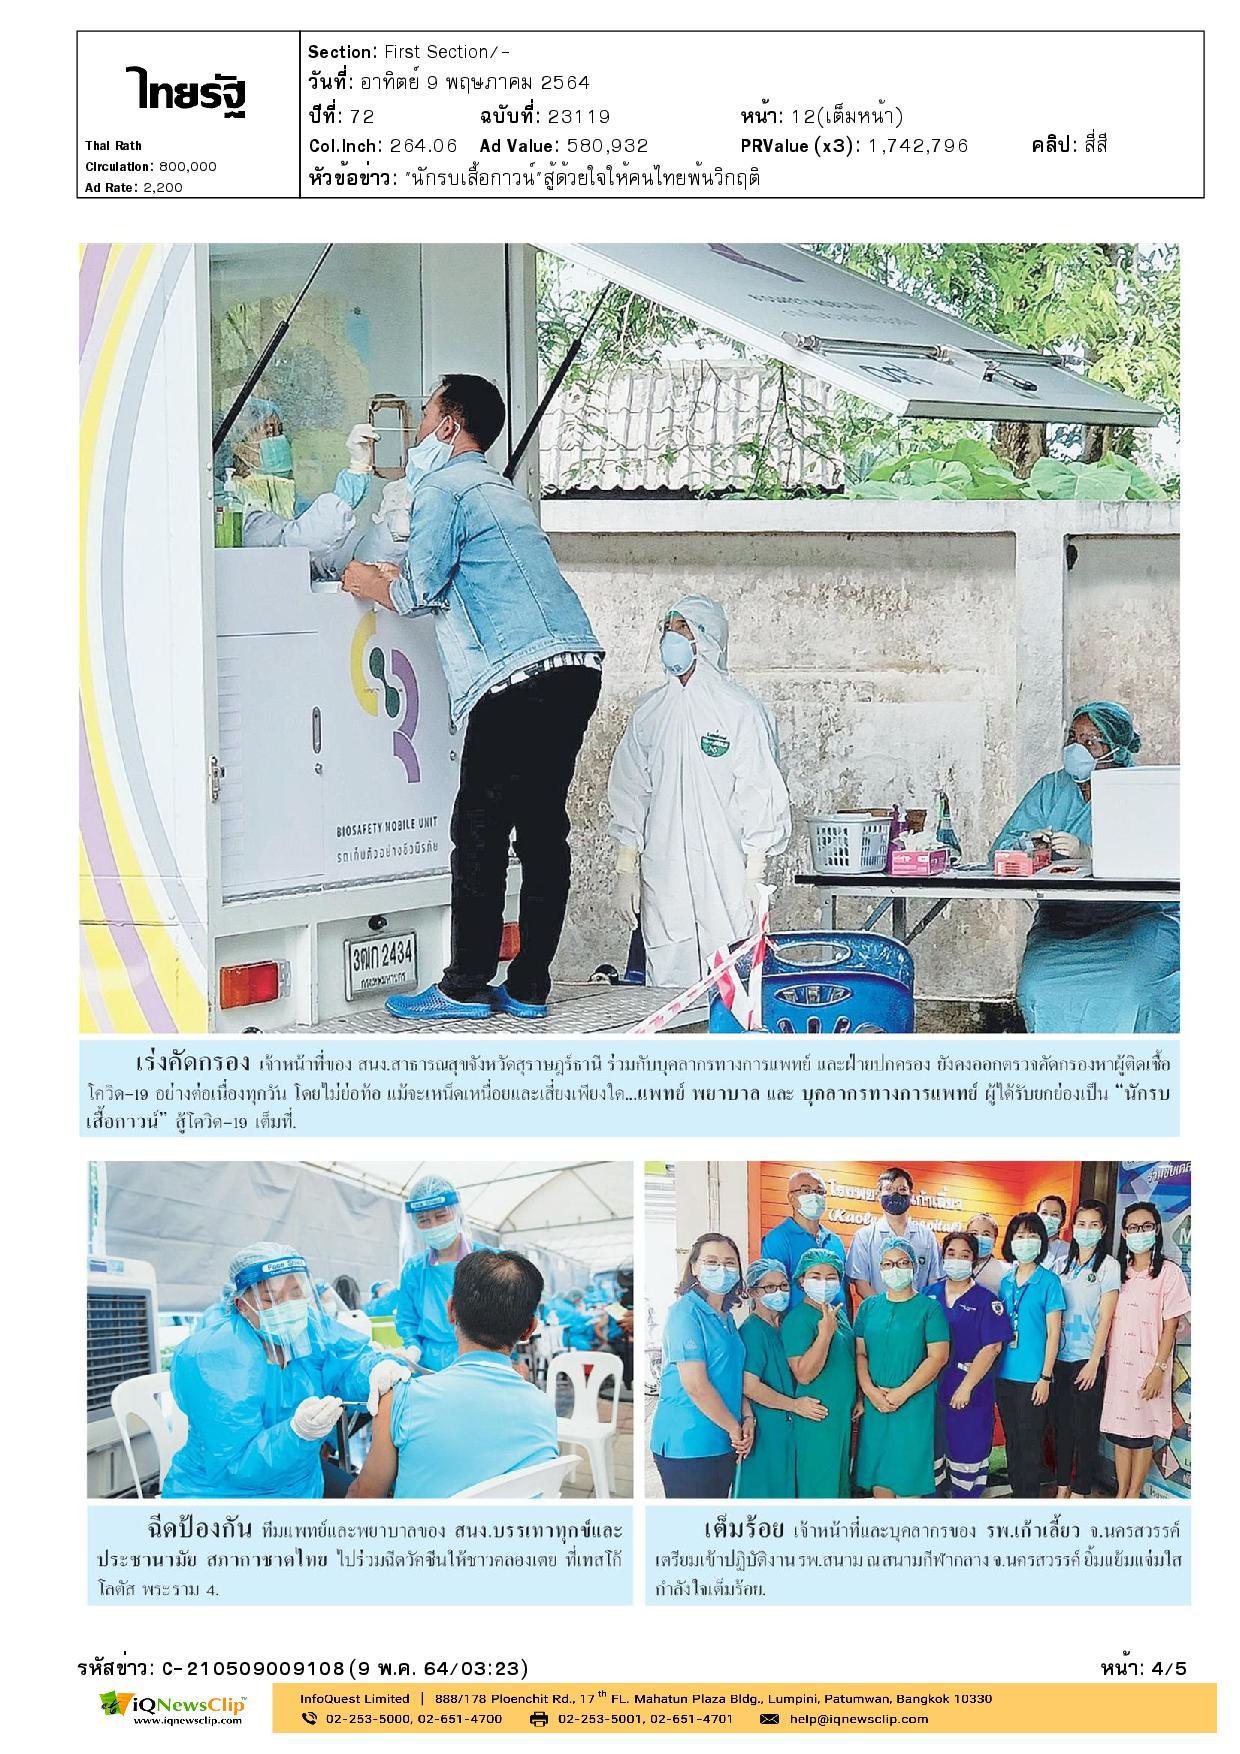 ทีมแพทย์และพยาบาล สนง.บรรเทาทุกข์ฯ ไปร่วมฉีดวัคซีนให้ชาวคลองเตย